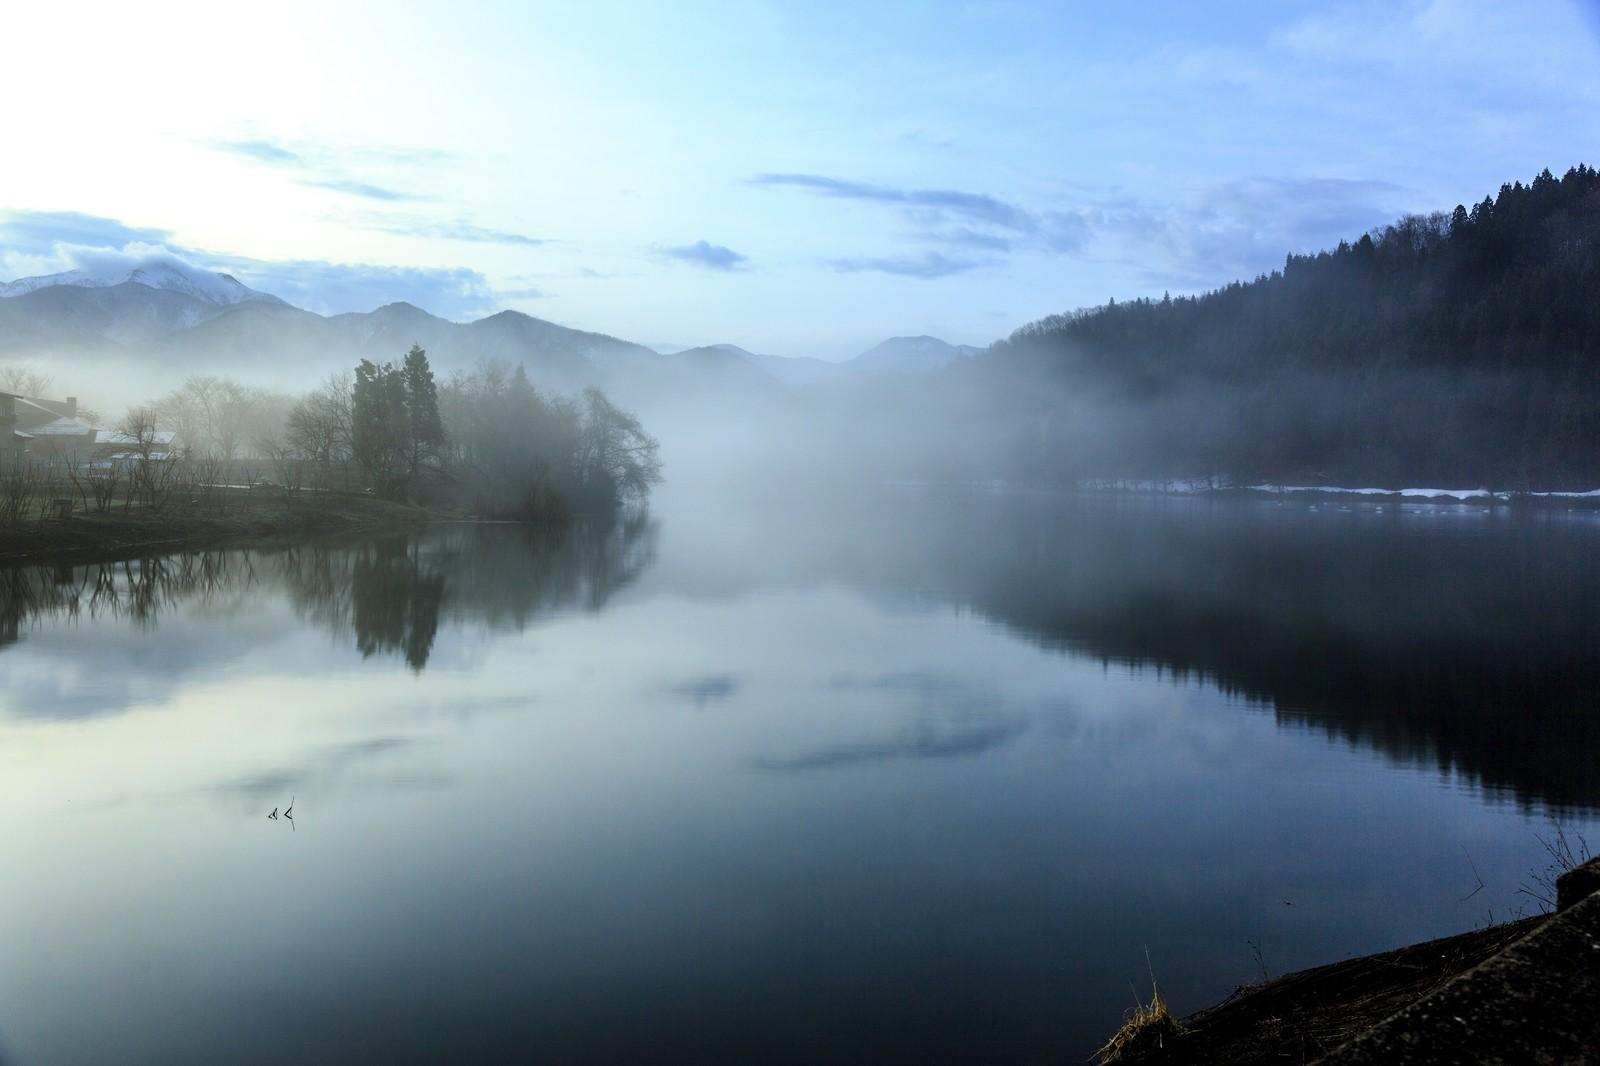 苗栗向天湖!霧の中にある村!幻想的な景観に感動!神秘の祭り「矮霊祭」も!